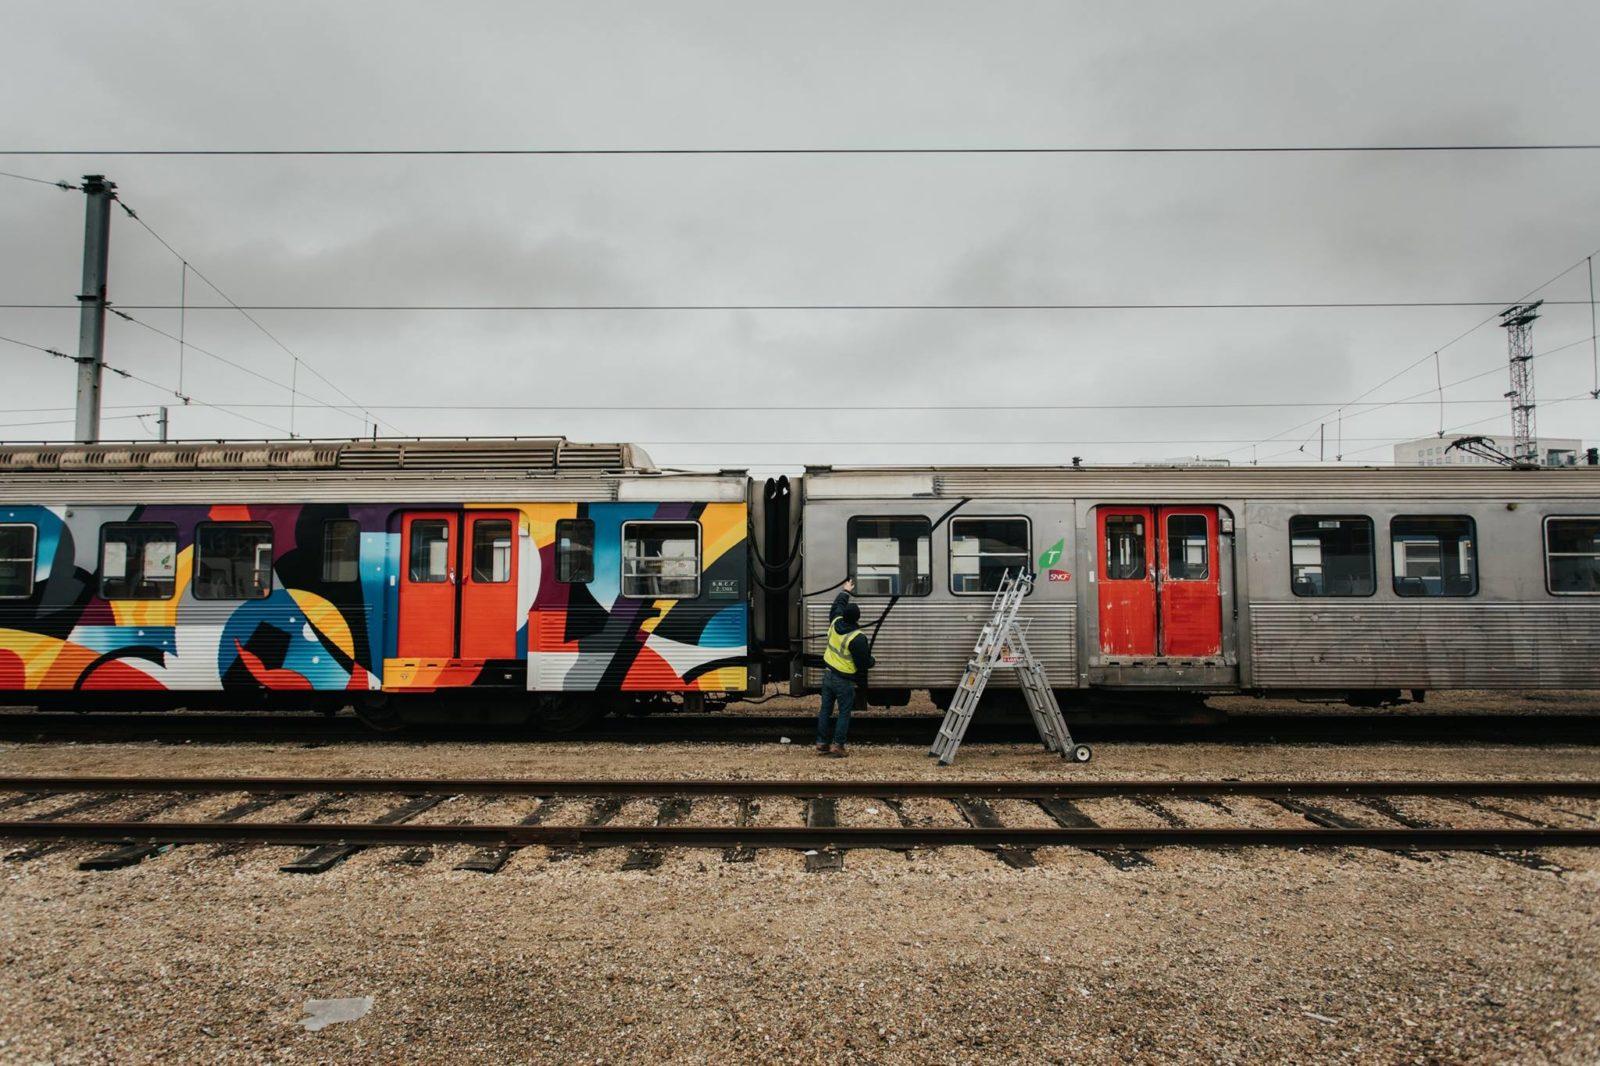 arturbain murales quai 36 train - Quai 36 invite des street artistes à colorer halls de gare et palissades de chantiers